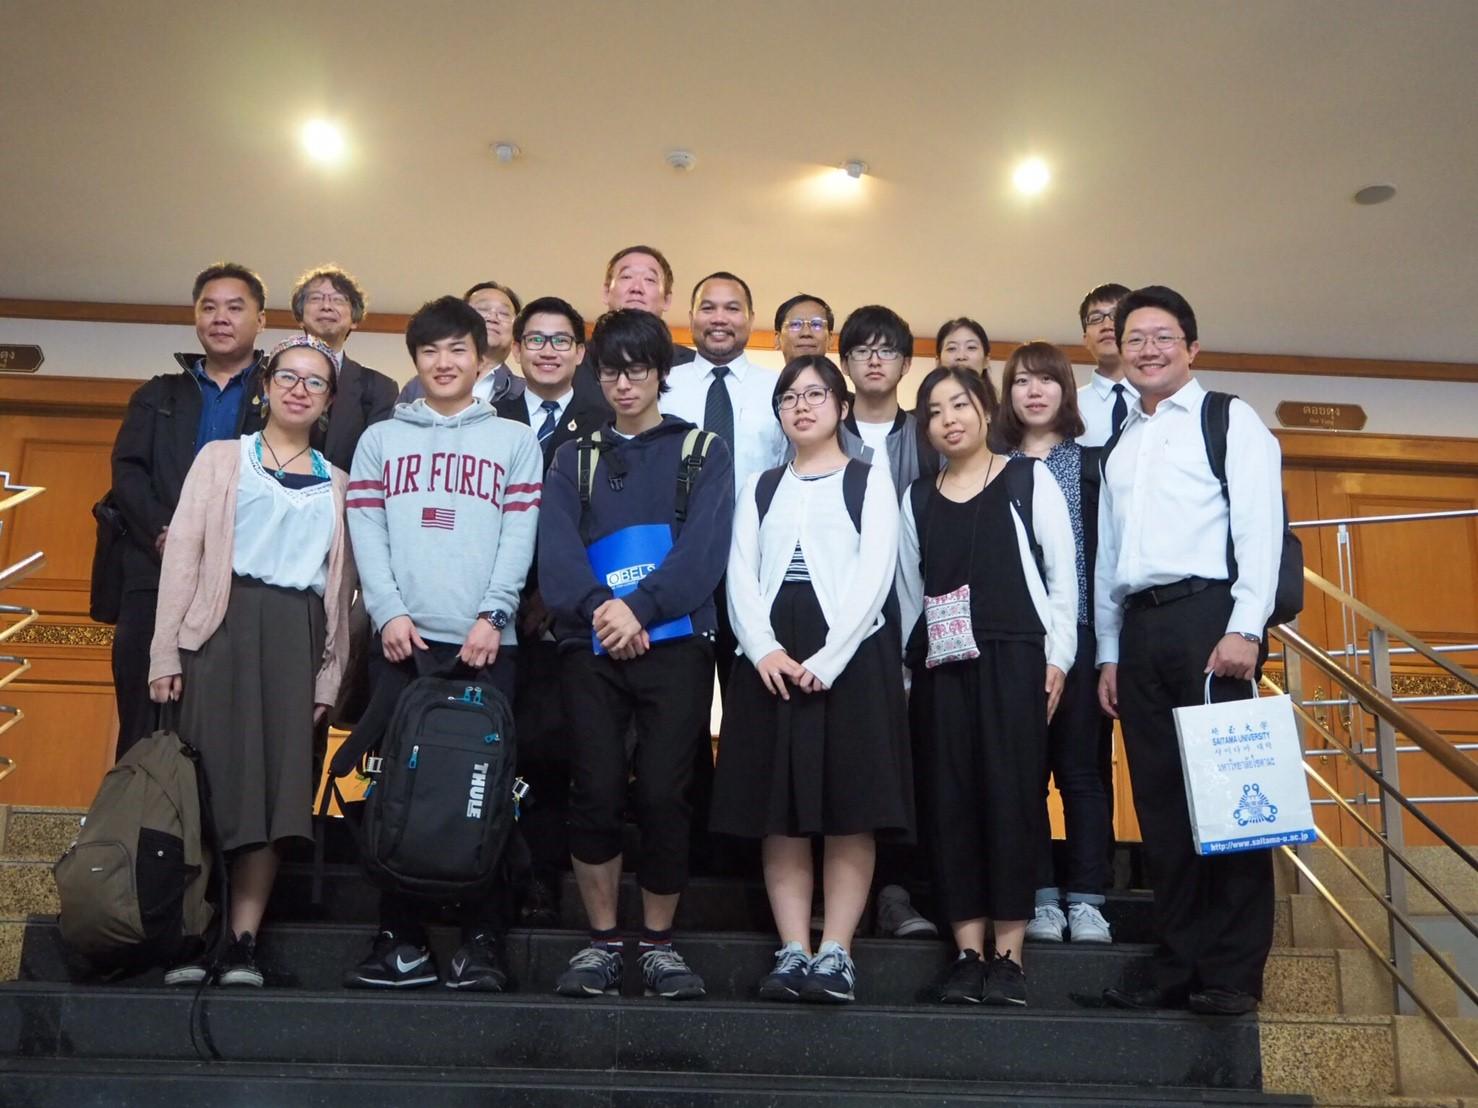 ม.ไซตามะจากญี่ปุ่นร่วมประชุมรือความร่วมมือ/ฟังบรรยาย